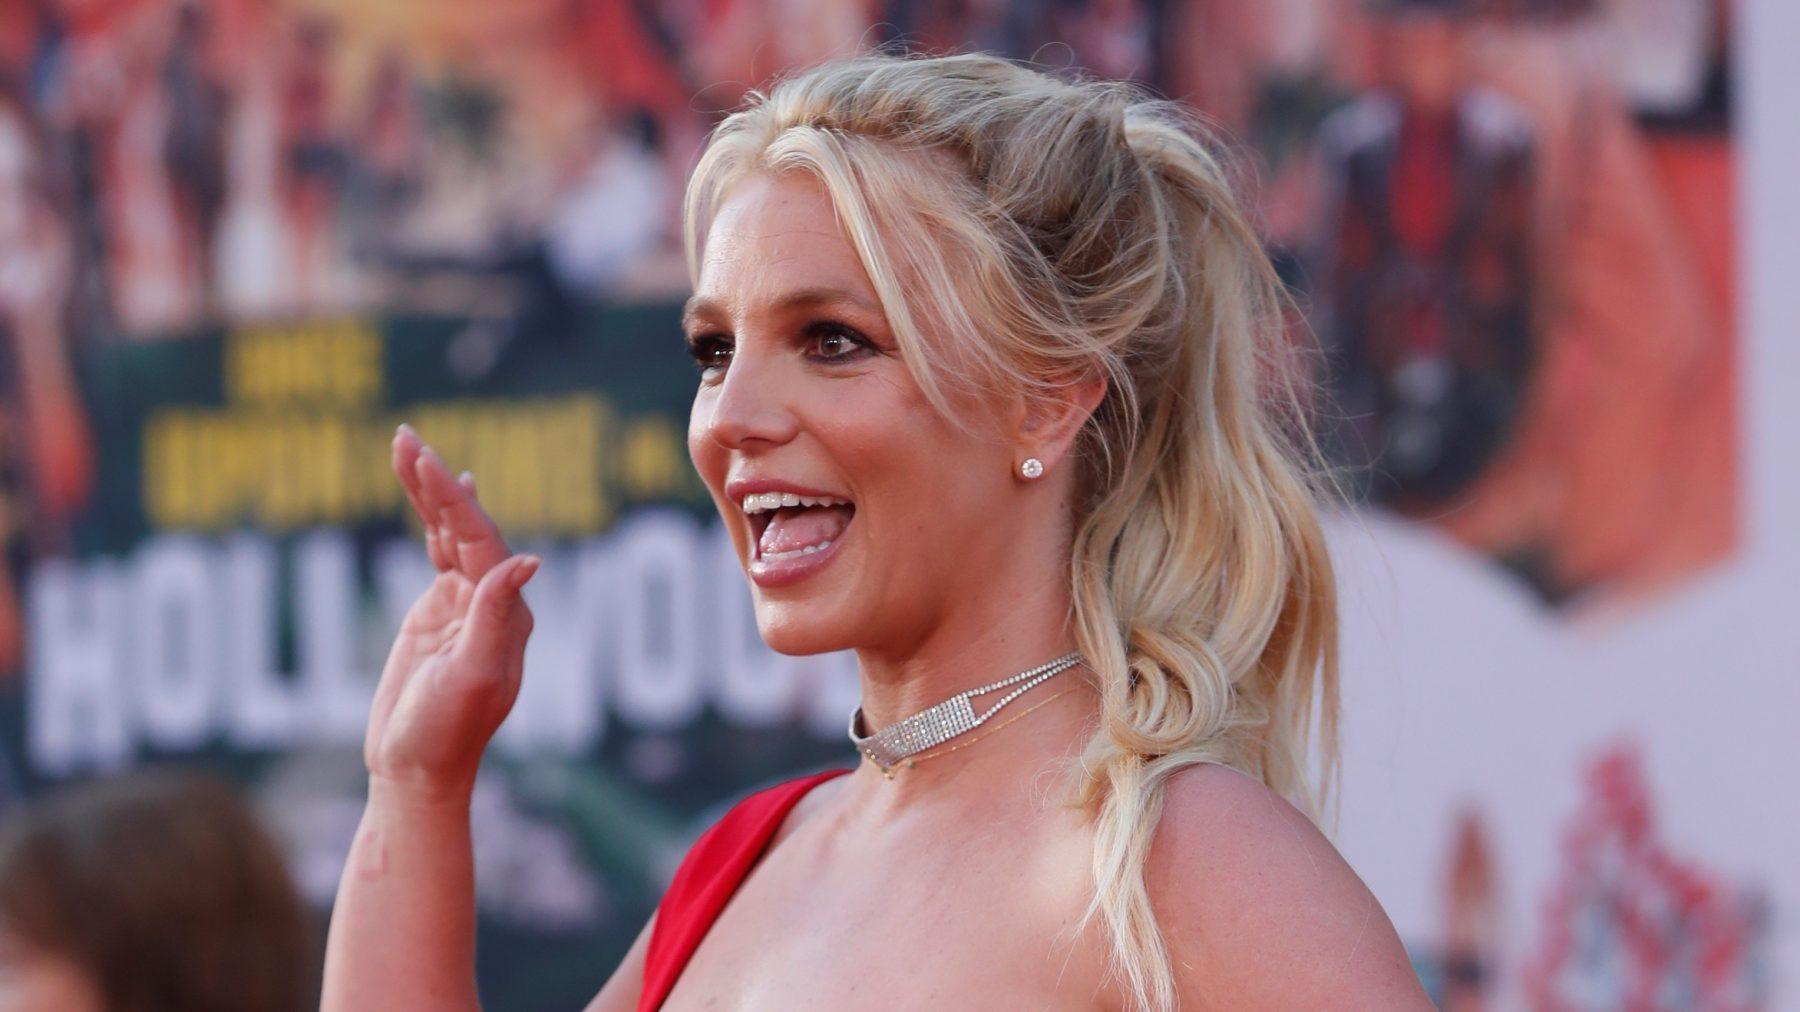 Britney Spears reageert nu ook zelf op de #FreeBritney-ophef